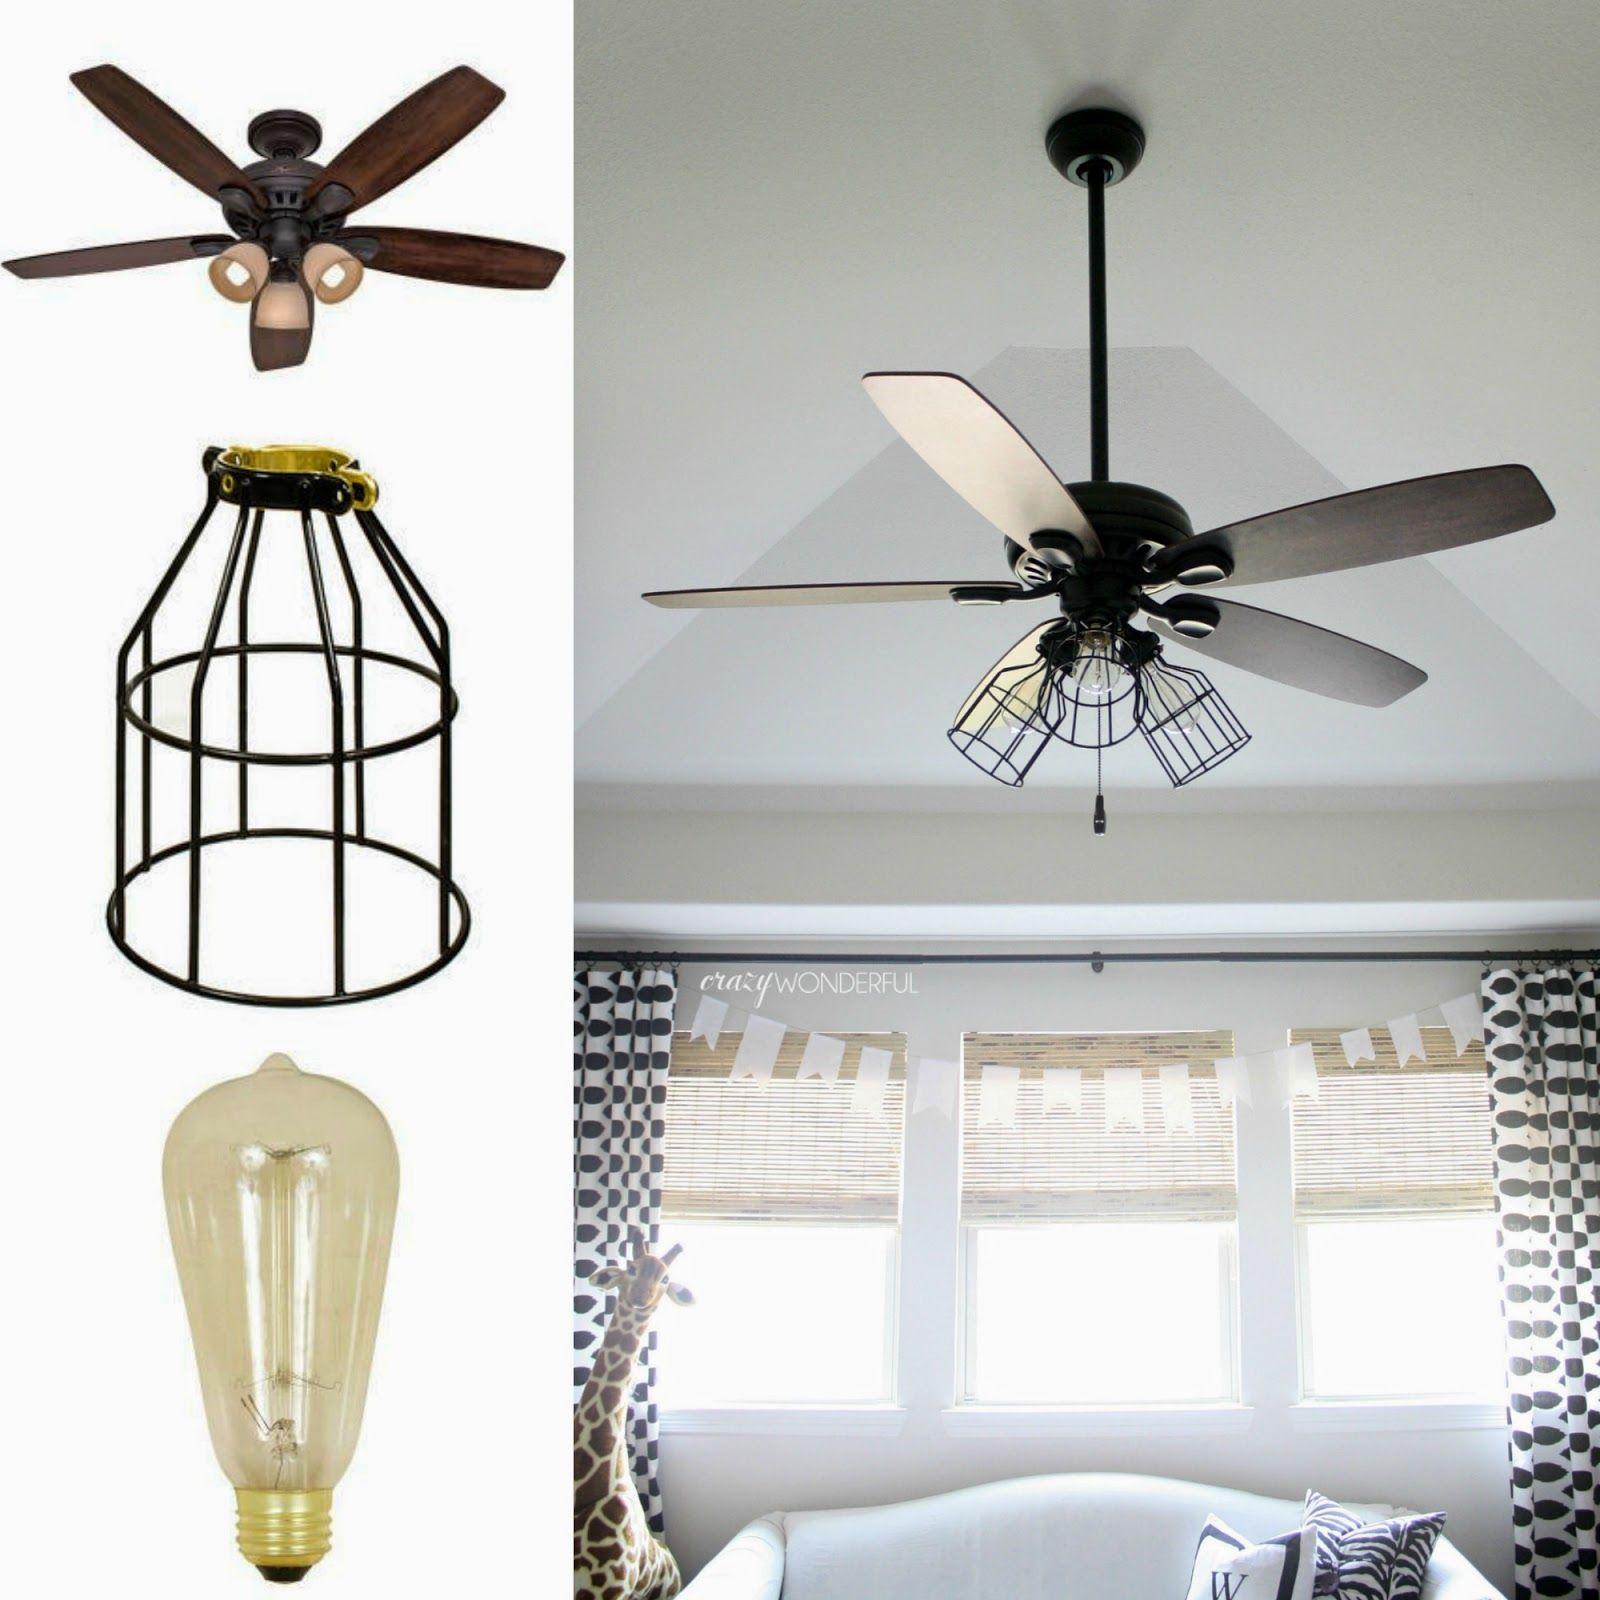 Crazy Wonderful DIY cage light ceiling fan Diy ceiling